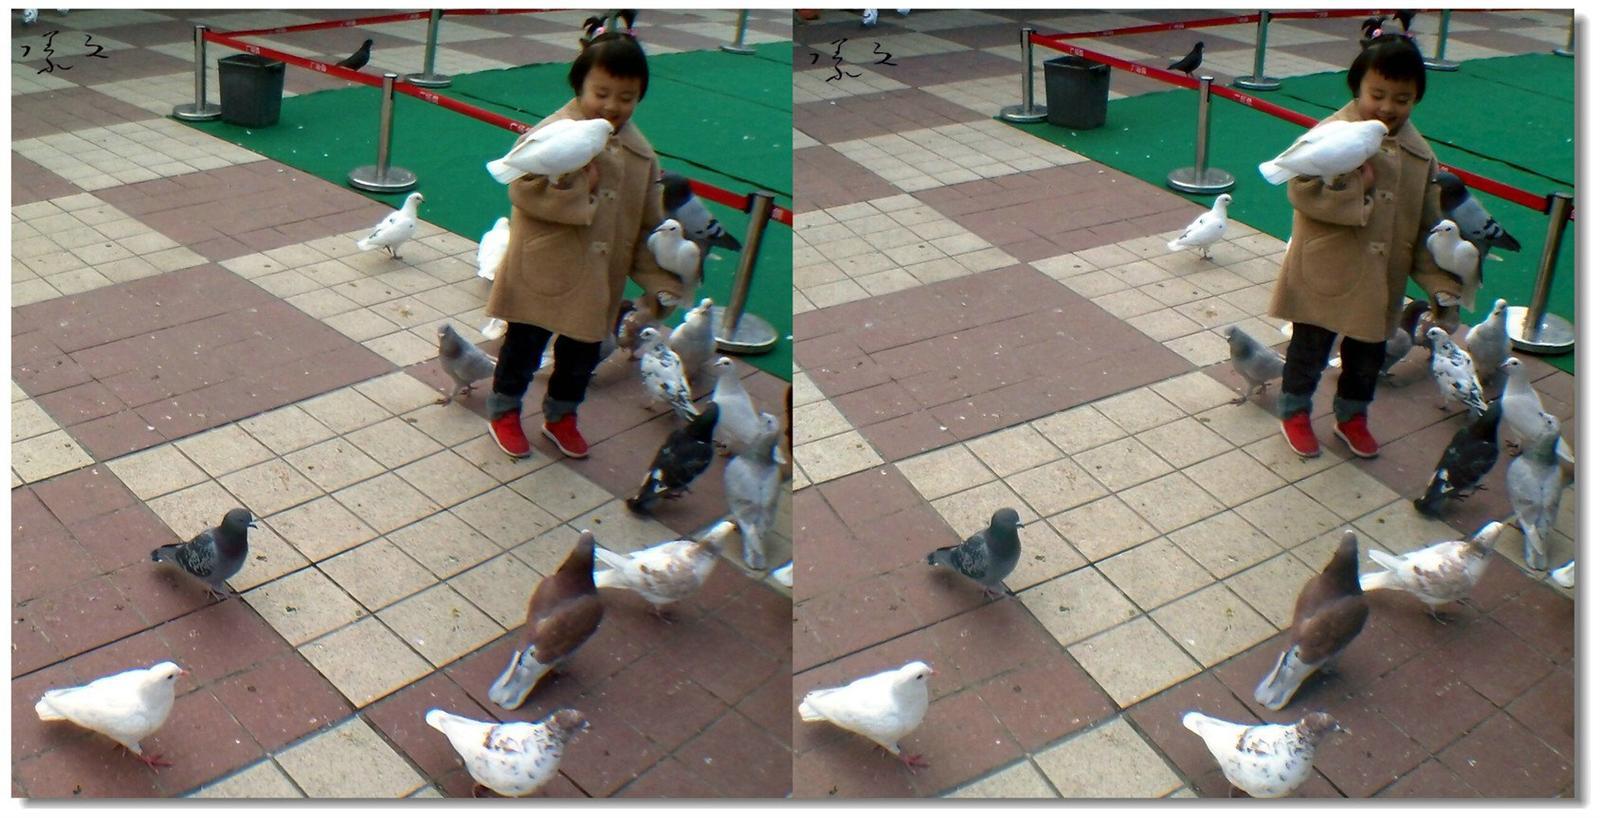 【原创】小孩与鸽子 -2